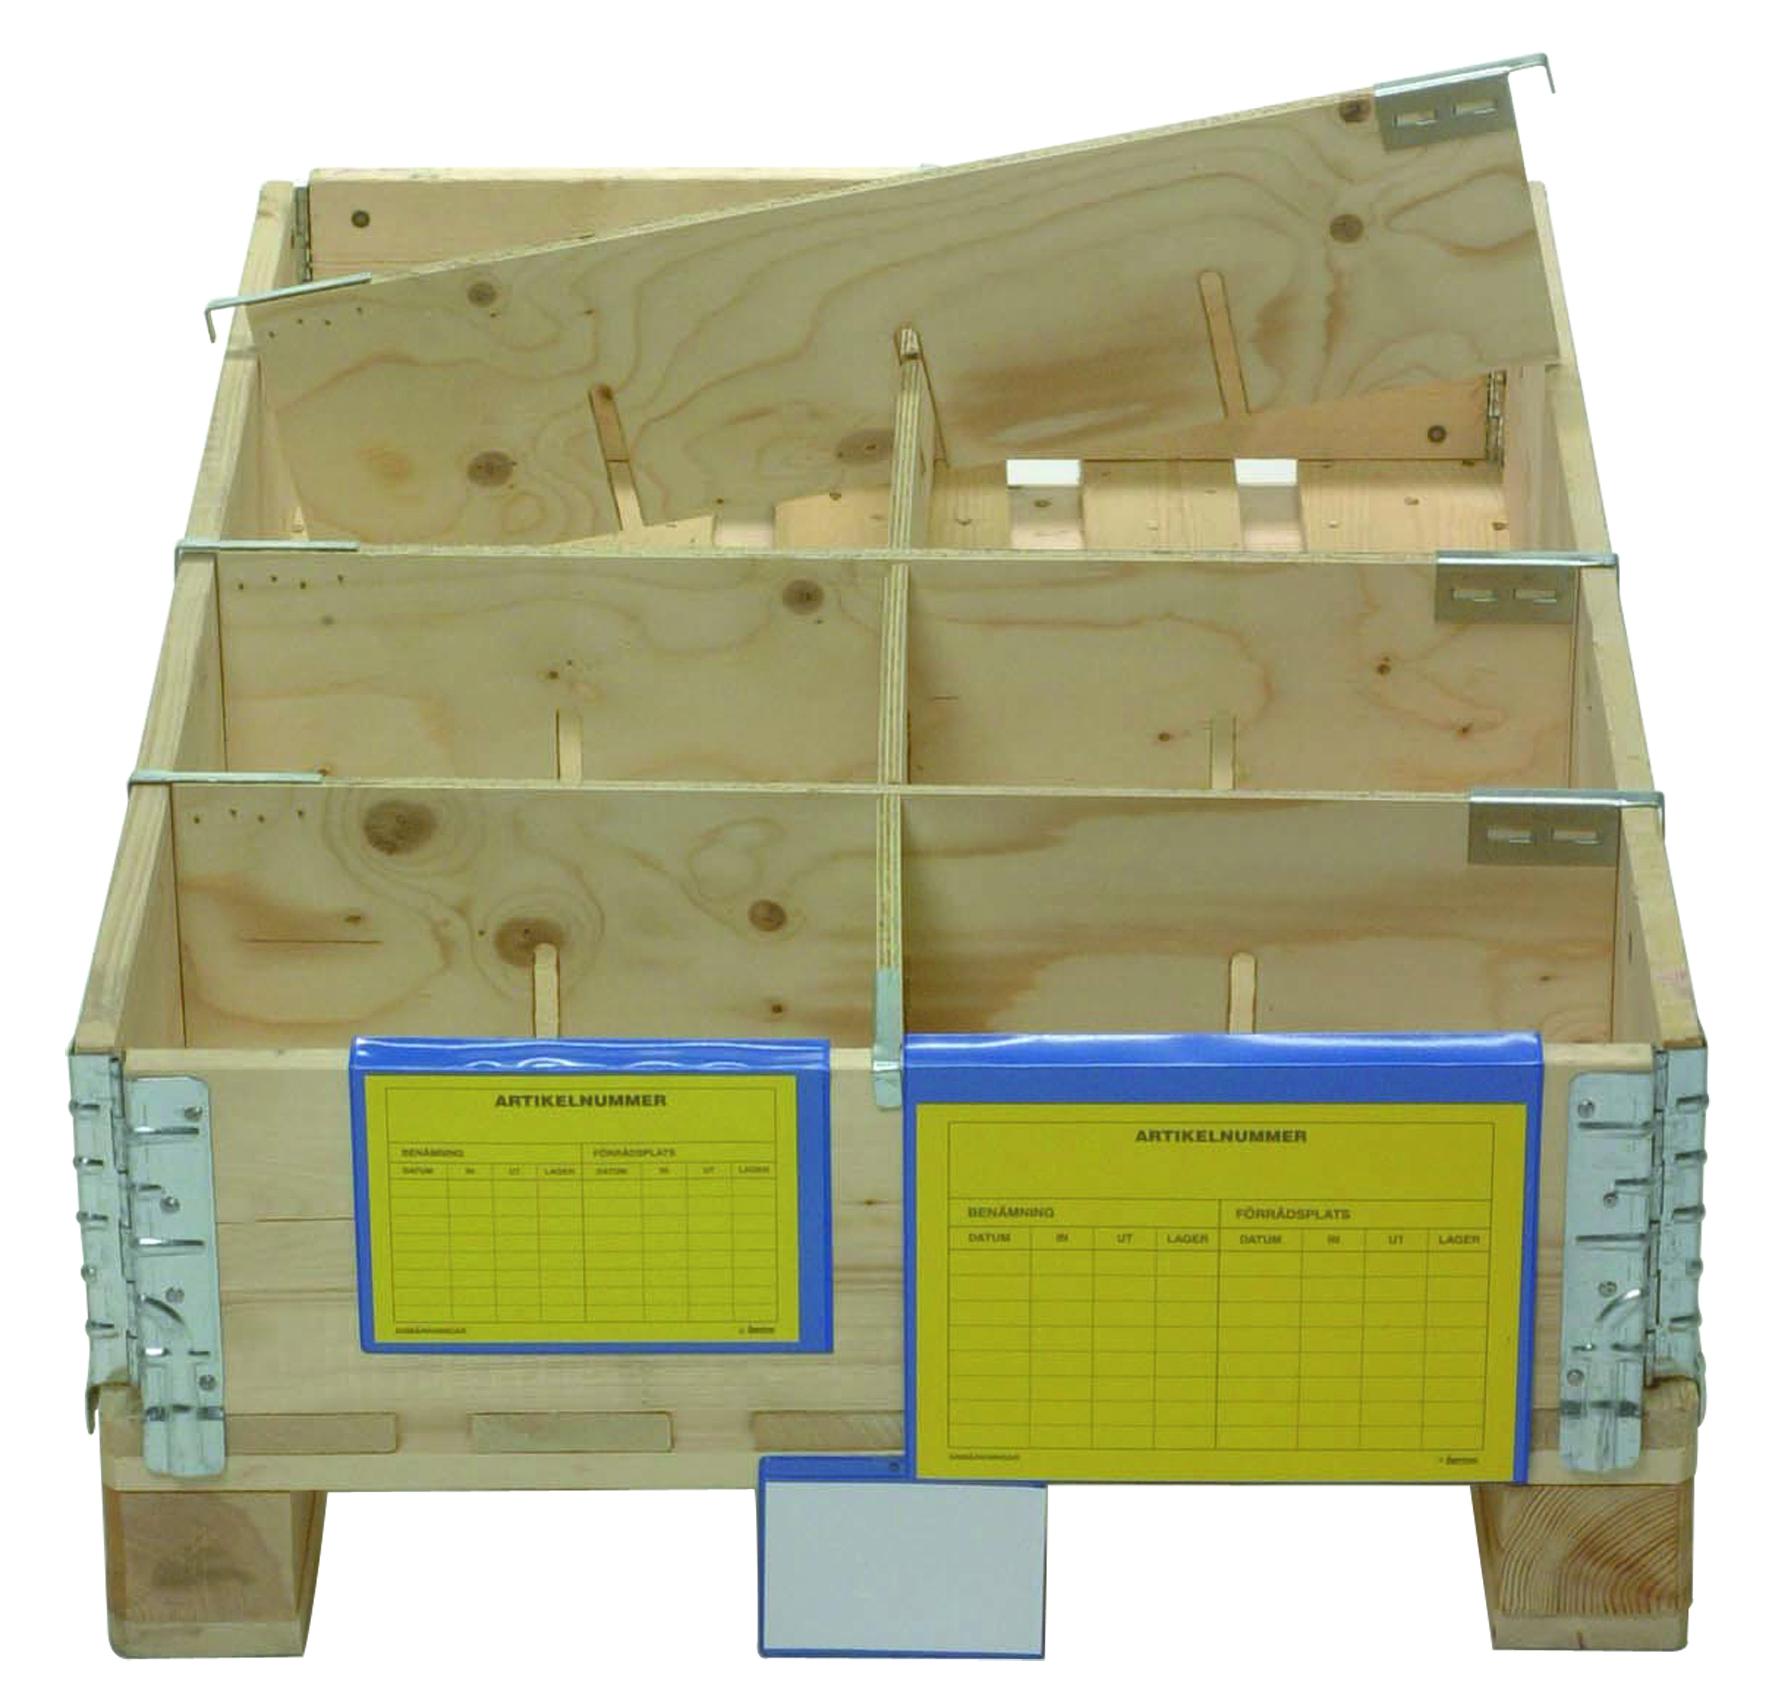 Séparateur bois pour réhausse pliante dimensions : 1154 x 190 mm